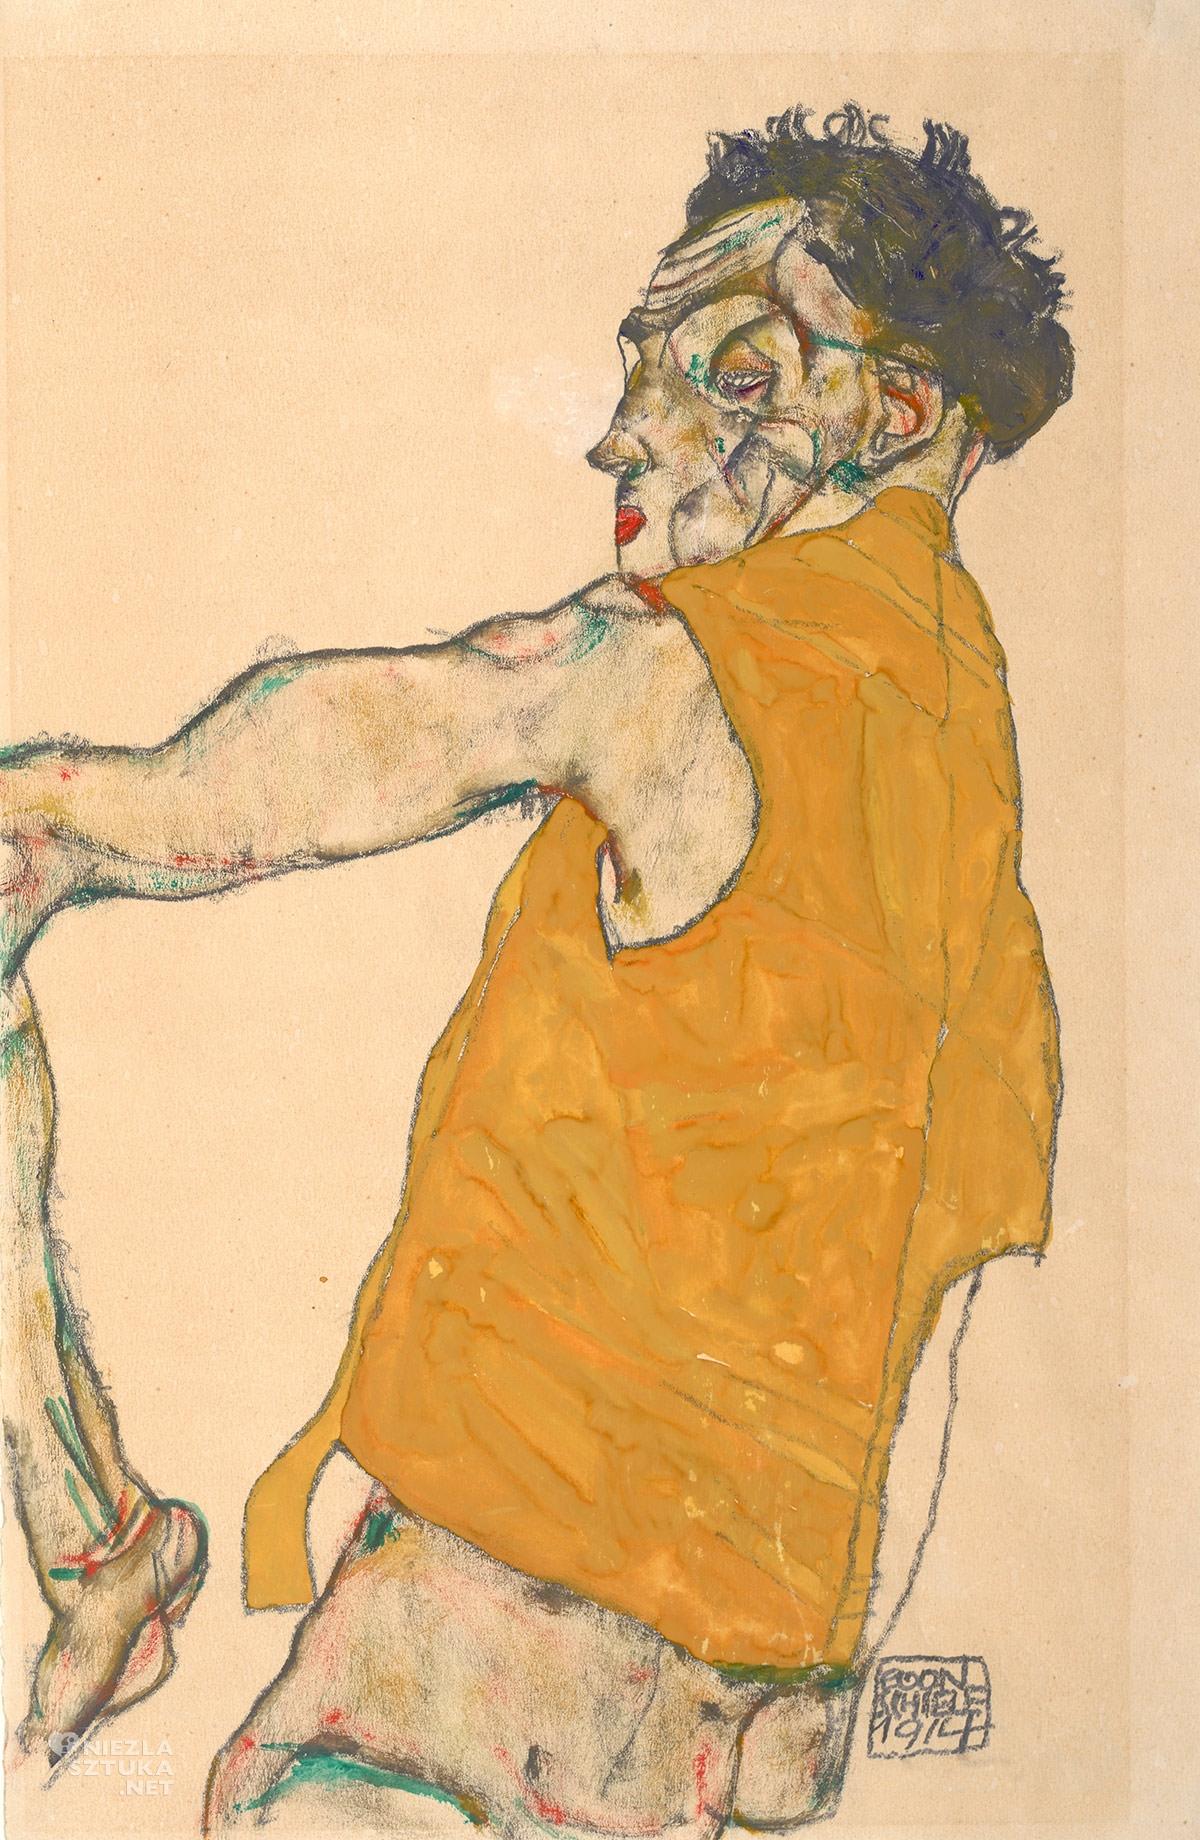 Egon Schiele, Autoportret w żółtej kamizelce, Autoportret artysty, sztuka austriacka, Niezła Sztuka